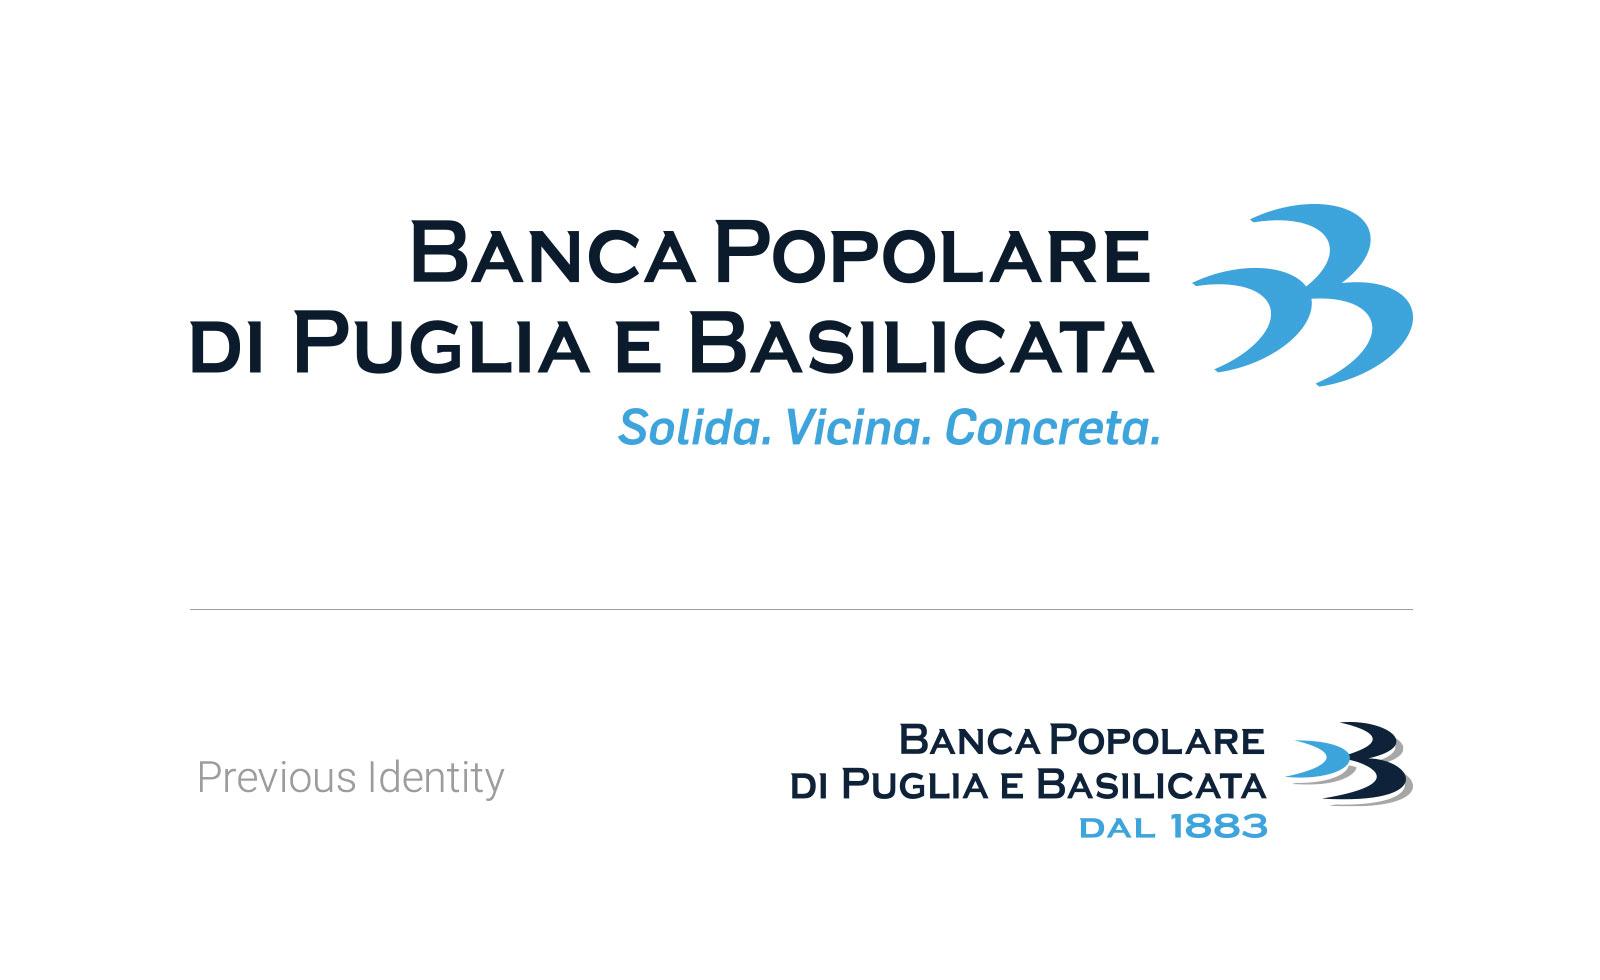 bppb banca popolare di puglia e basilicata rebranding redesign brand logo identity